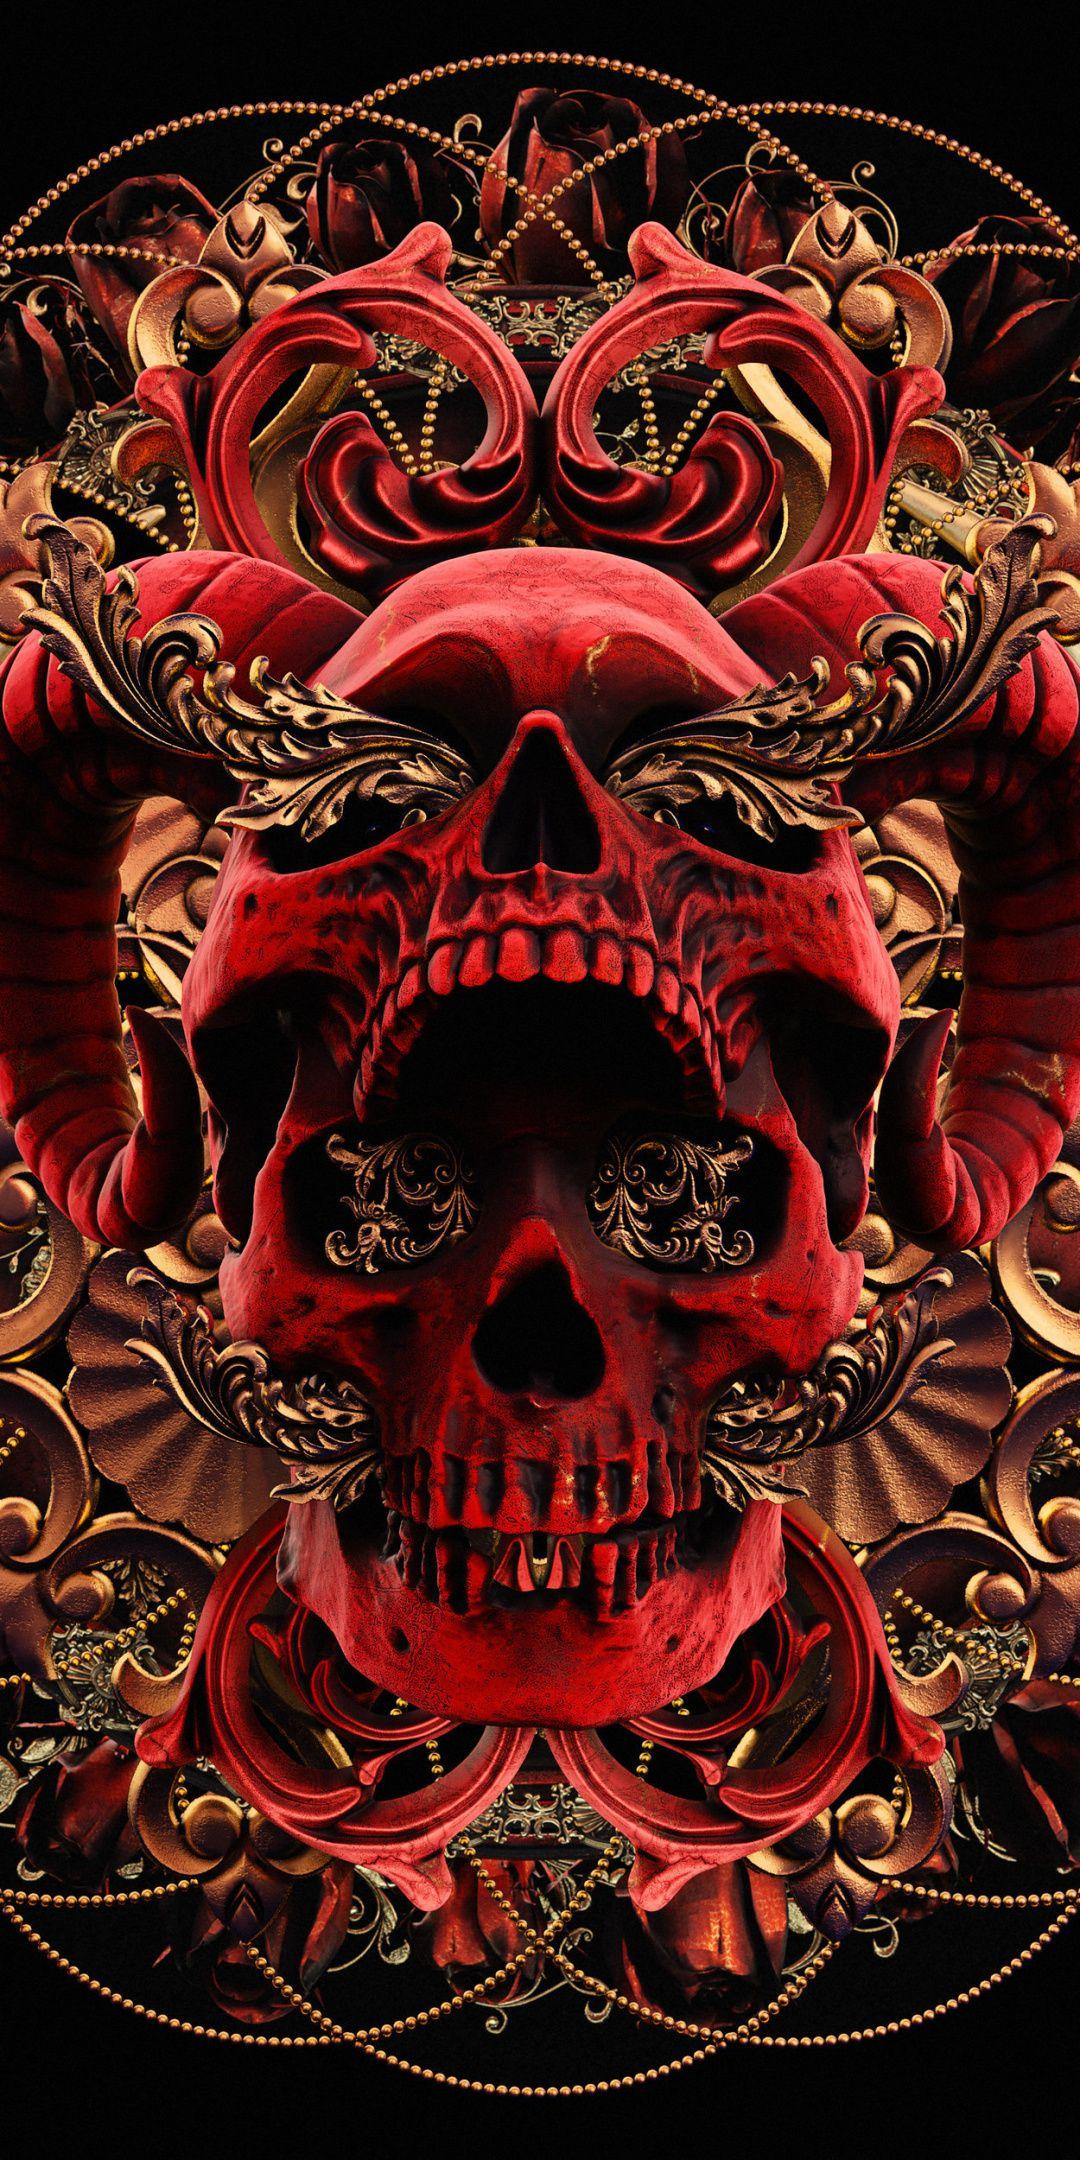 1080x2160 Red Skull Abstract Art Wallpaper Graffiti Wallpaper Iphone Black Skulls Wallpaper Skull Wallpaper